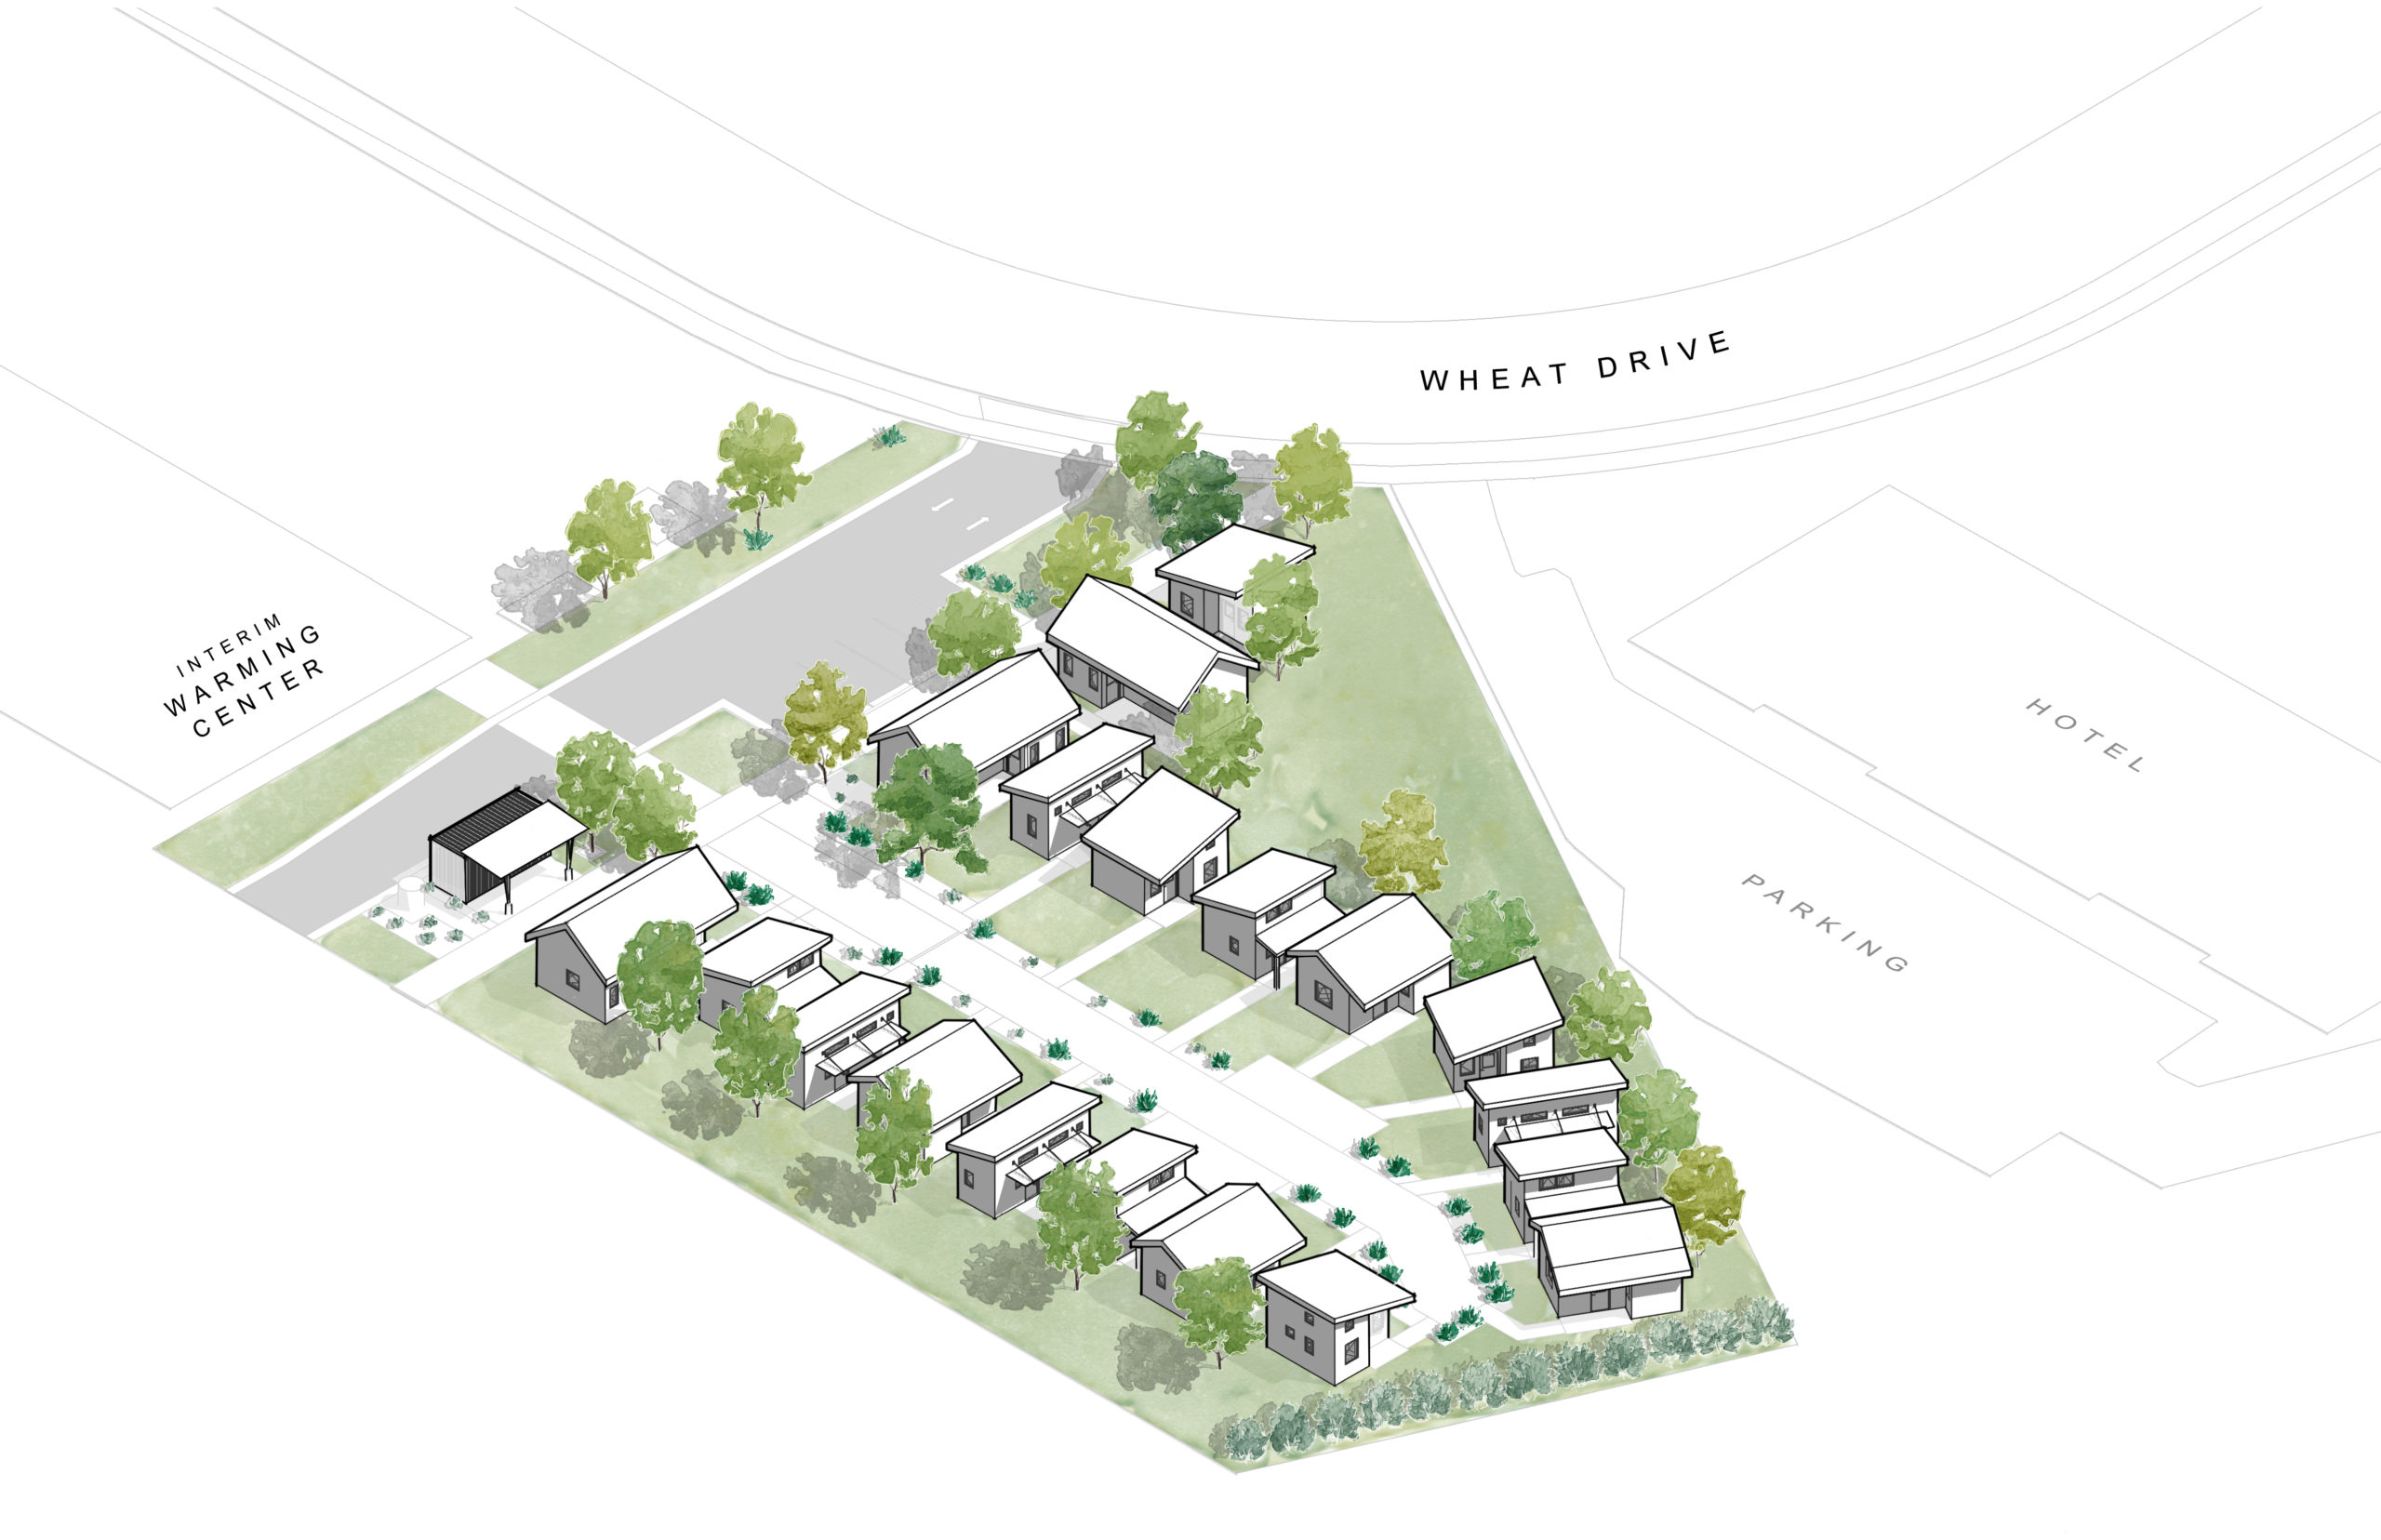 HRDC Housing First Village site plan